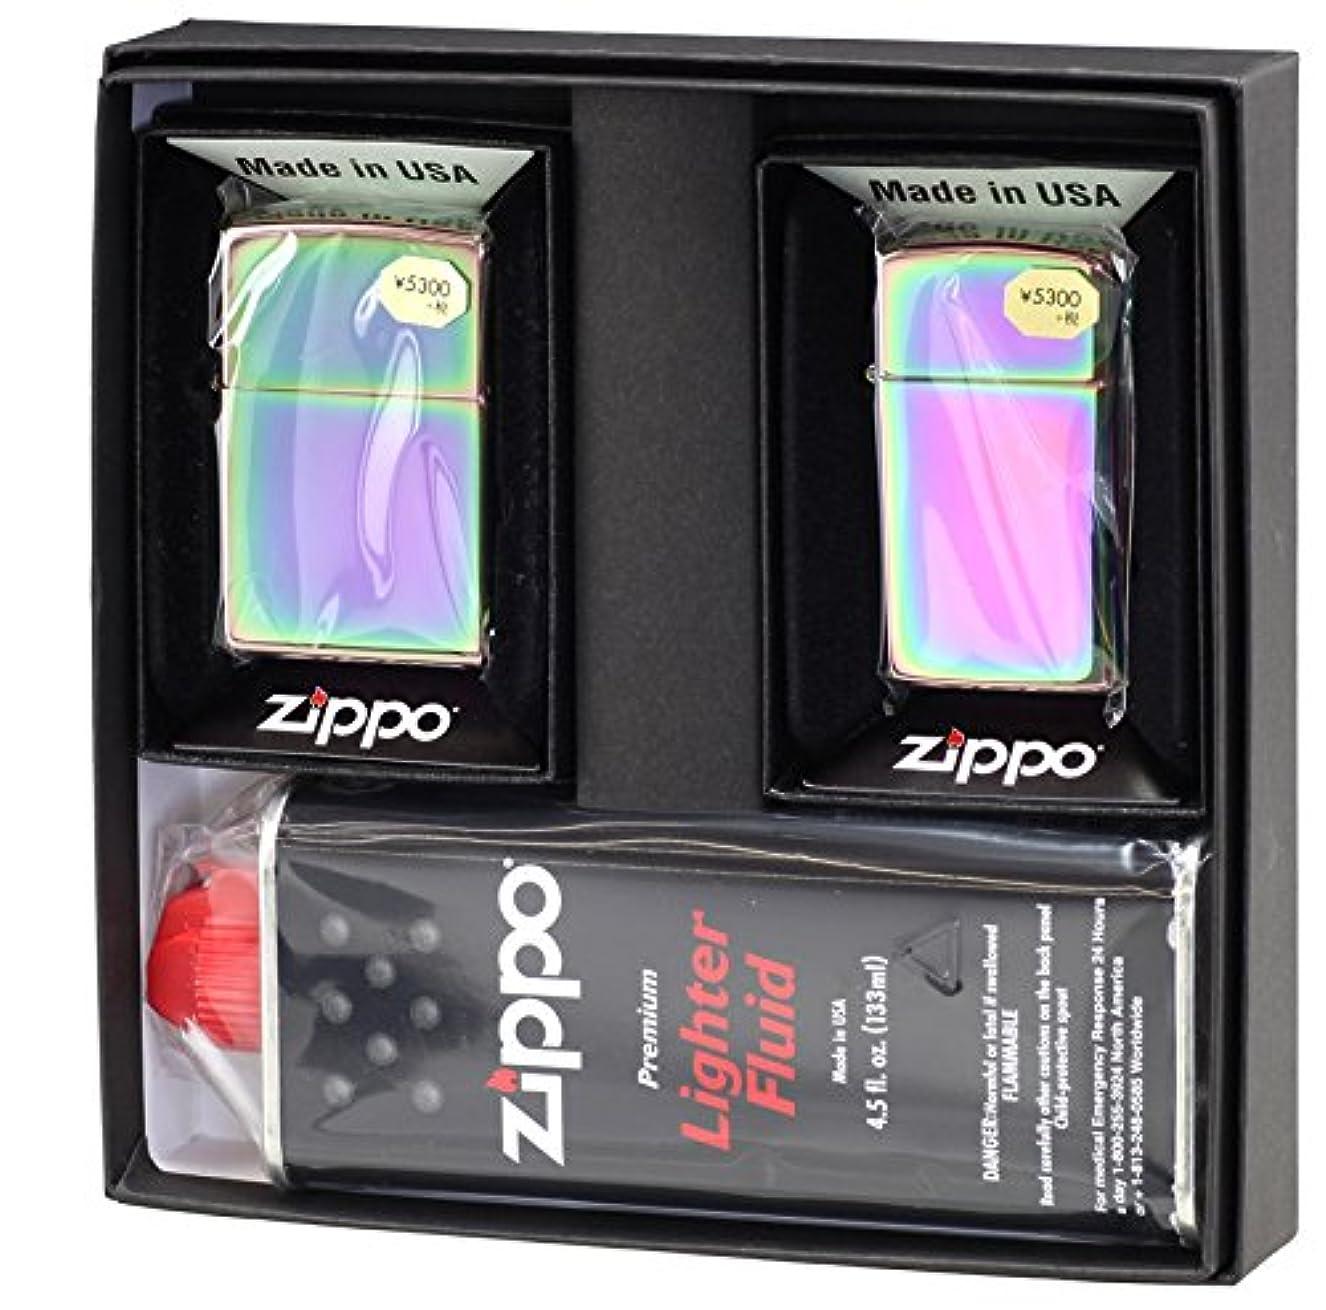 オーバーコート十代の若者たち争う【ZIPPO】 ジッポーライター オイル ライター ペア スペクトラム(虹色) ジッポ レギュラー&スリム 2個セット ペアセット専用パッケージ入り(オイル缶付き)